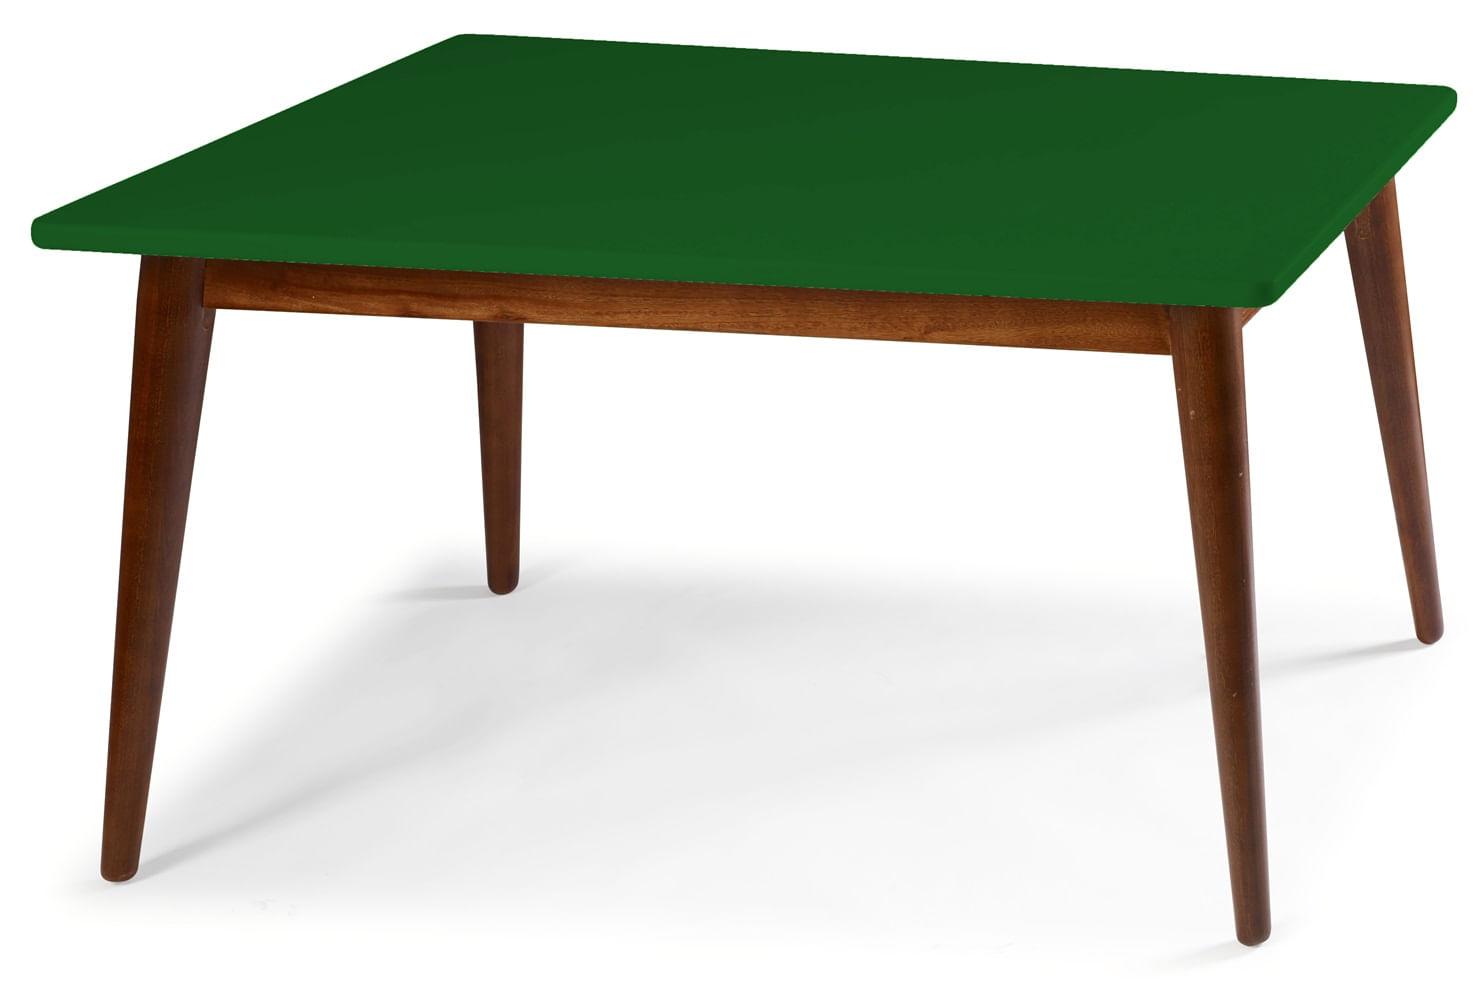 Mesa Jantar Novita 120cm Base Cacau Cor Verde Escuro - 25160